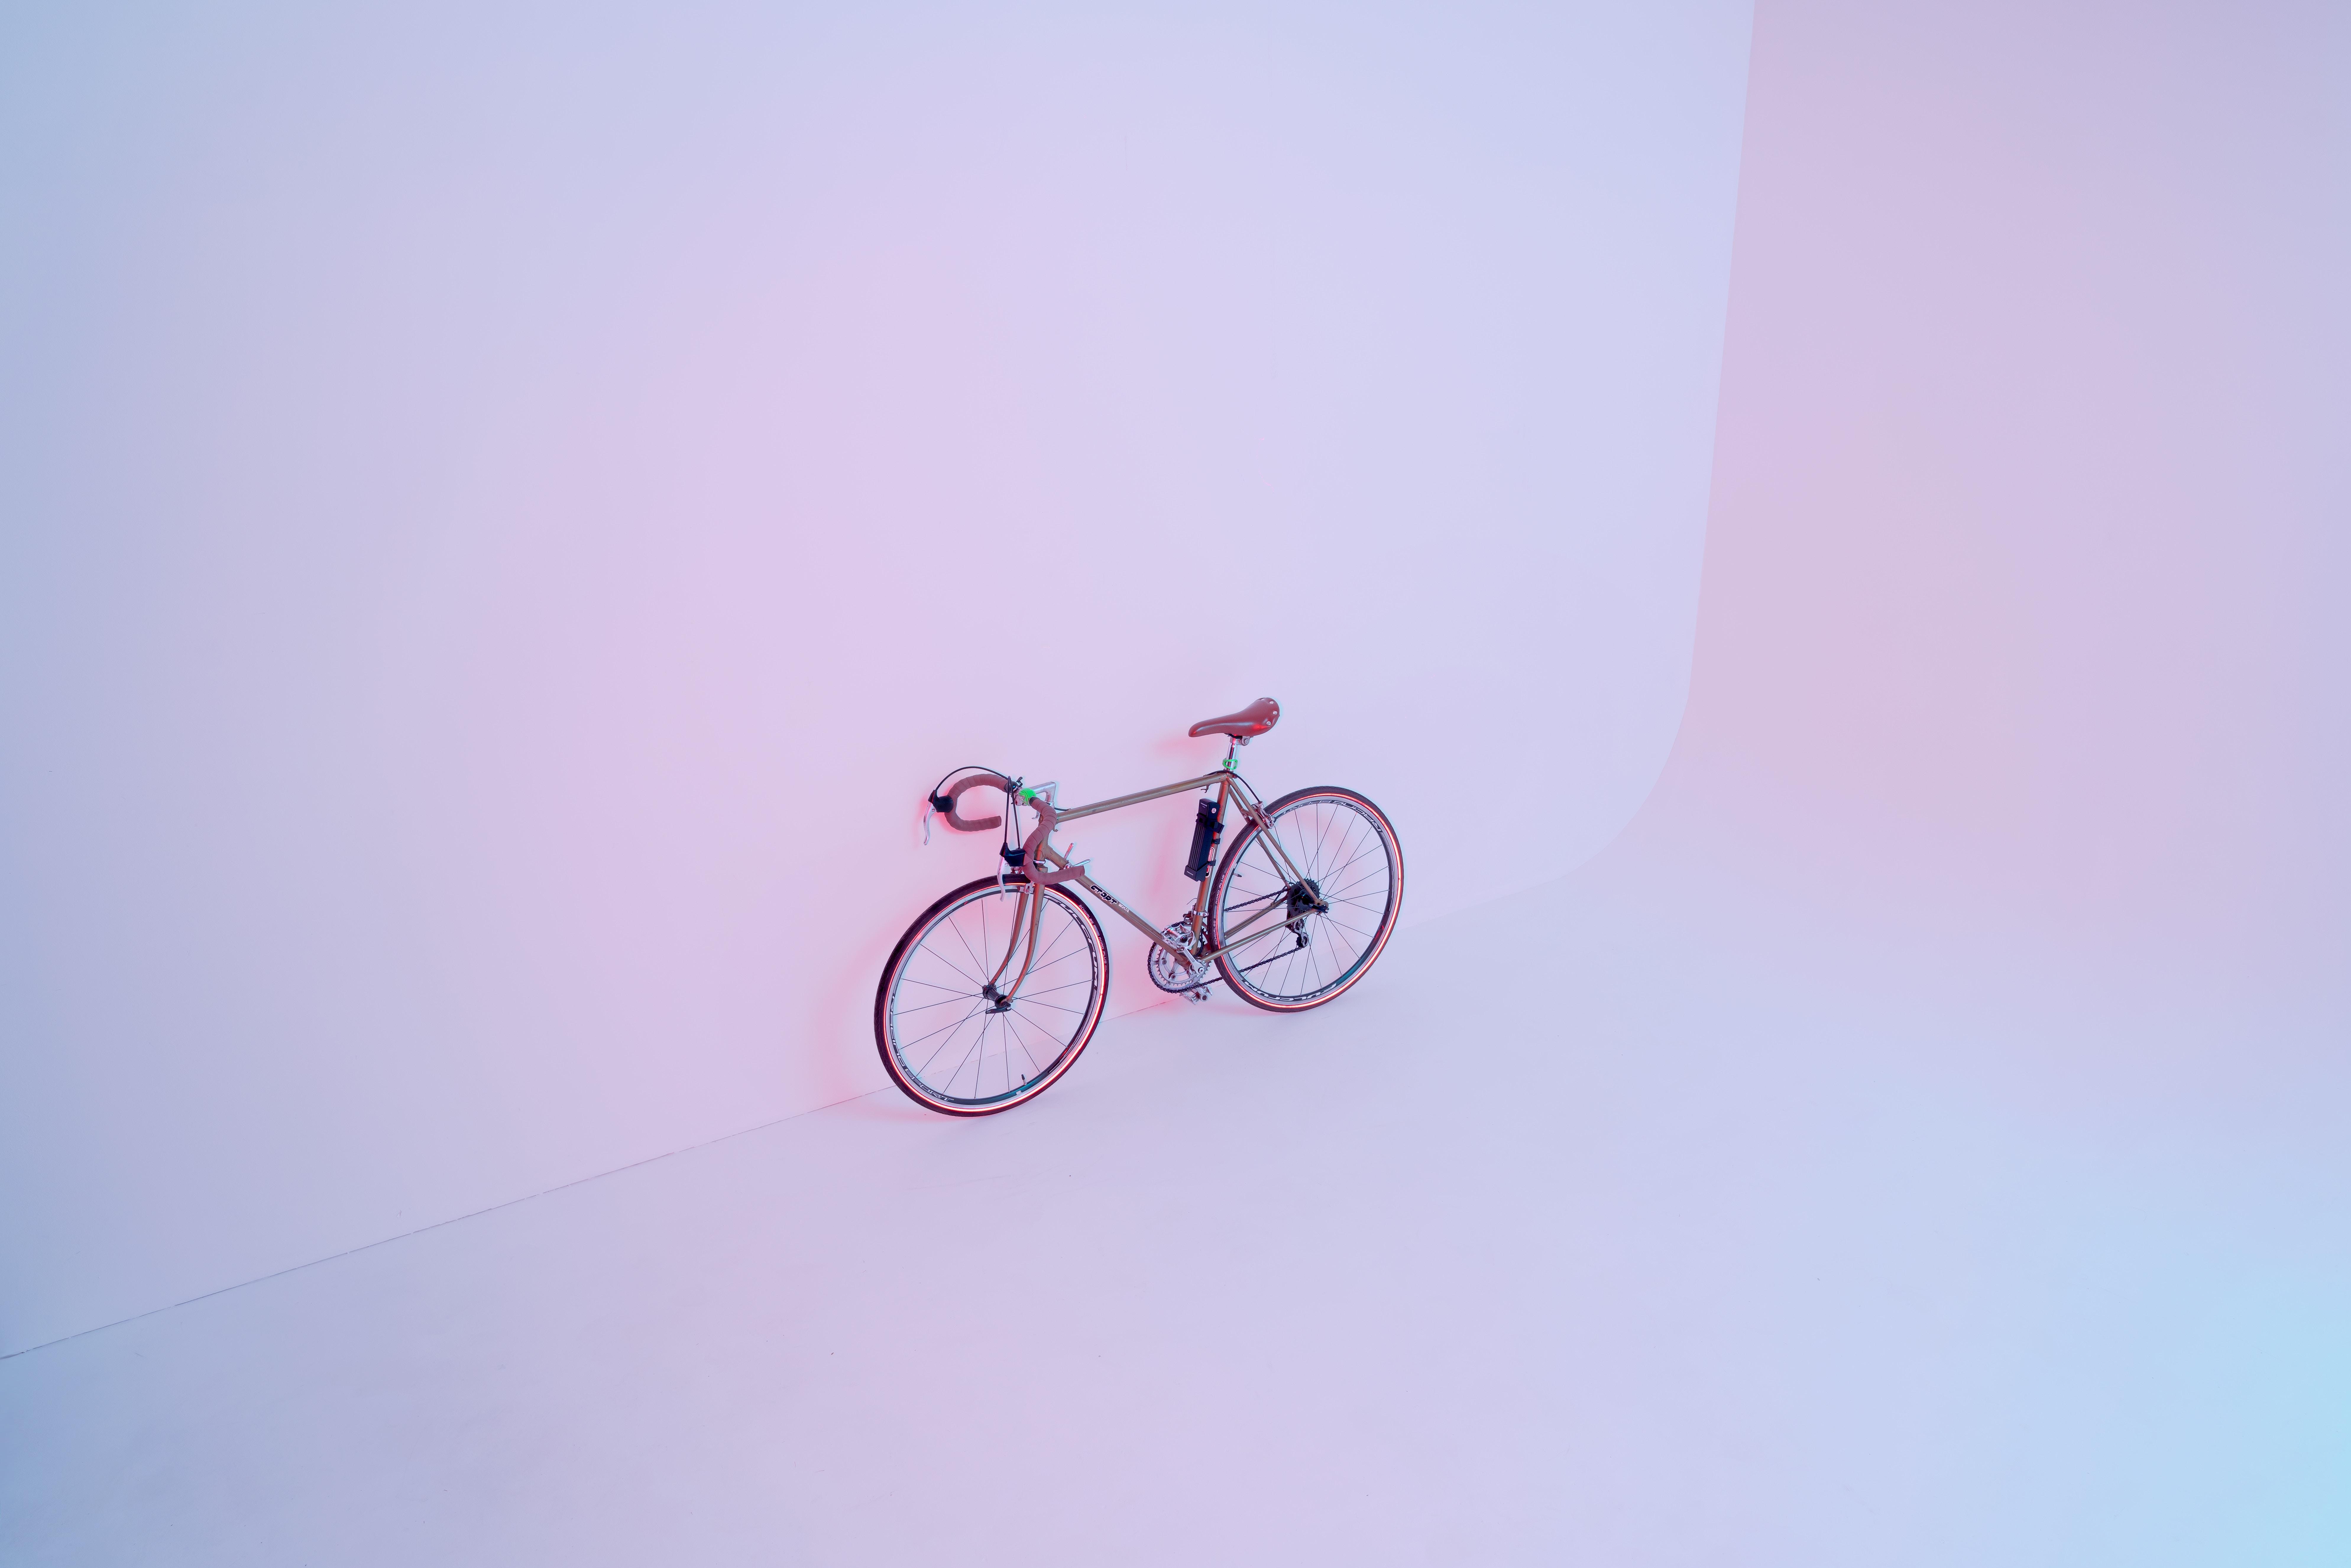 Fahrrad steht an einer Wand